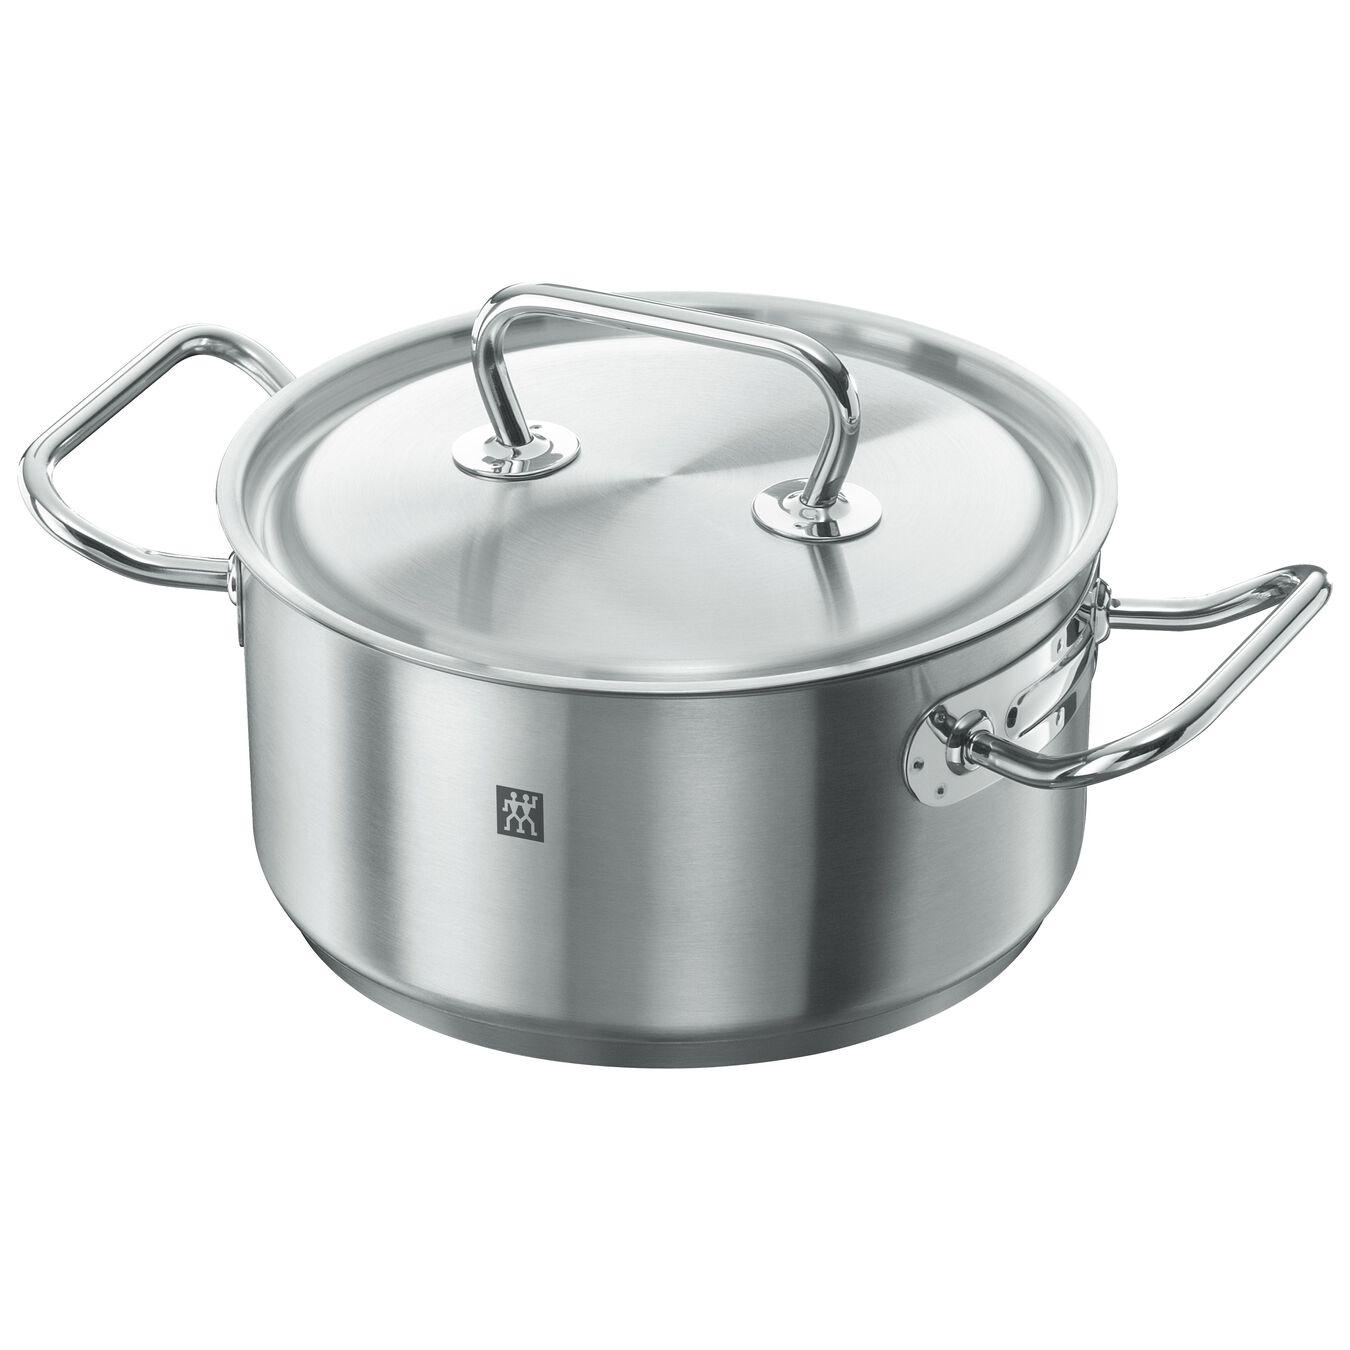 Ensemble de casseroles 4-pcs, Inox 18/10,,large 8